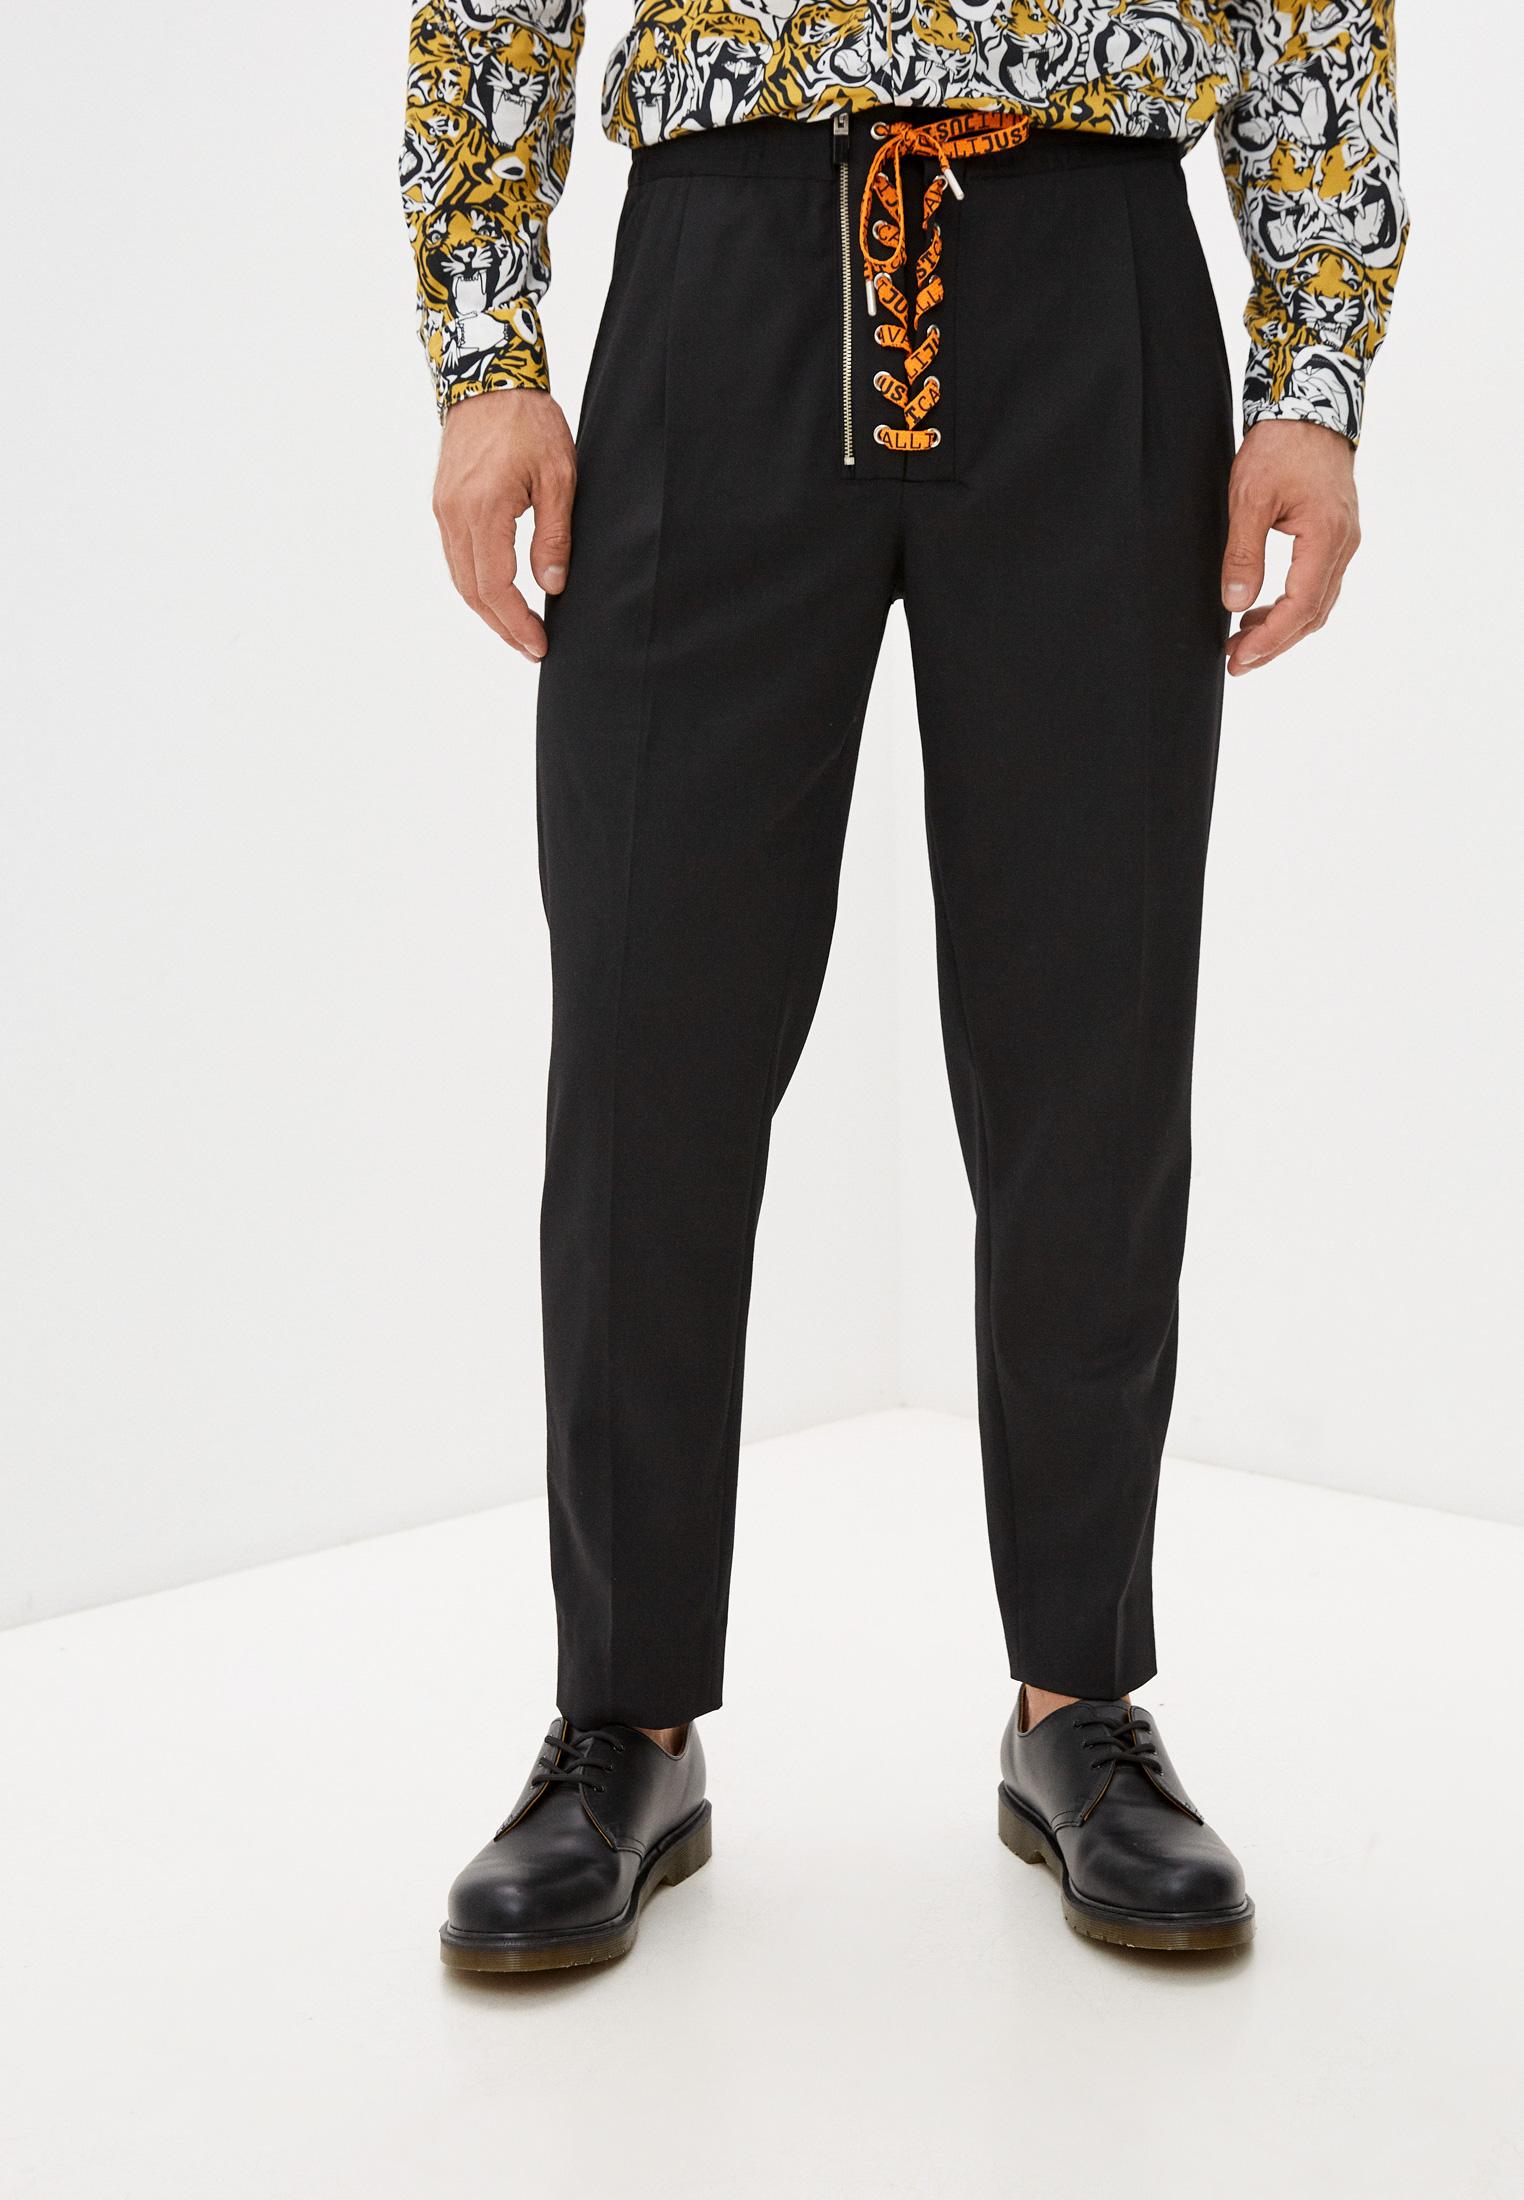 Мужские повседневные брюки Just Cavalli (Джаст Кавалли) S03KA0179 N35513